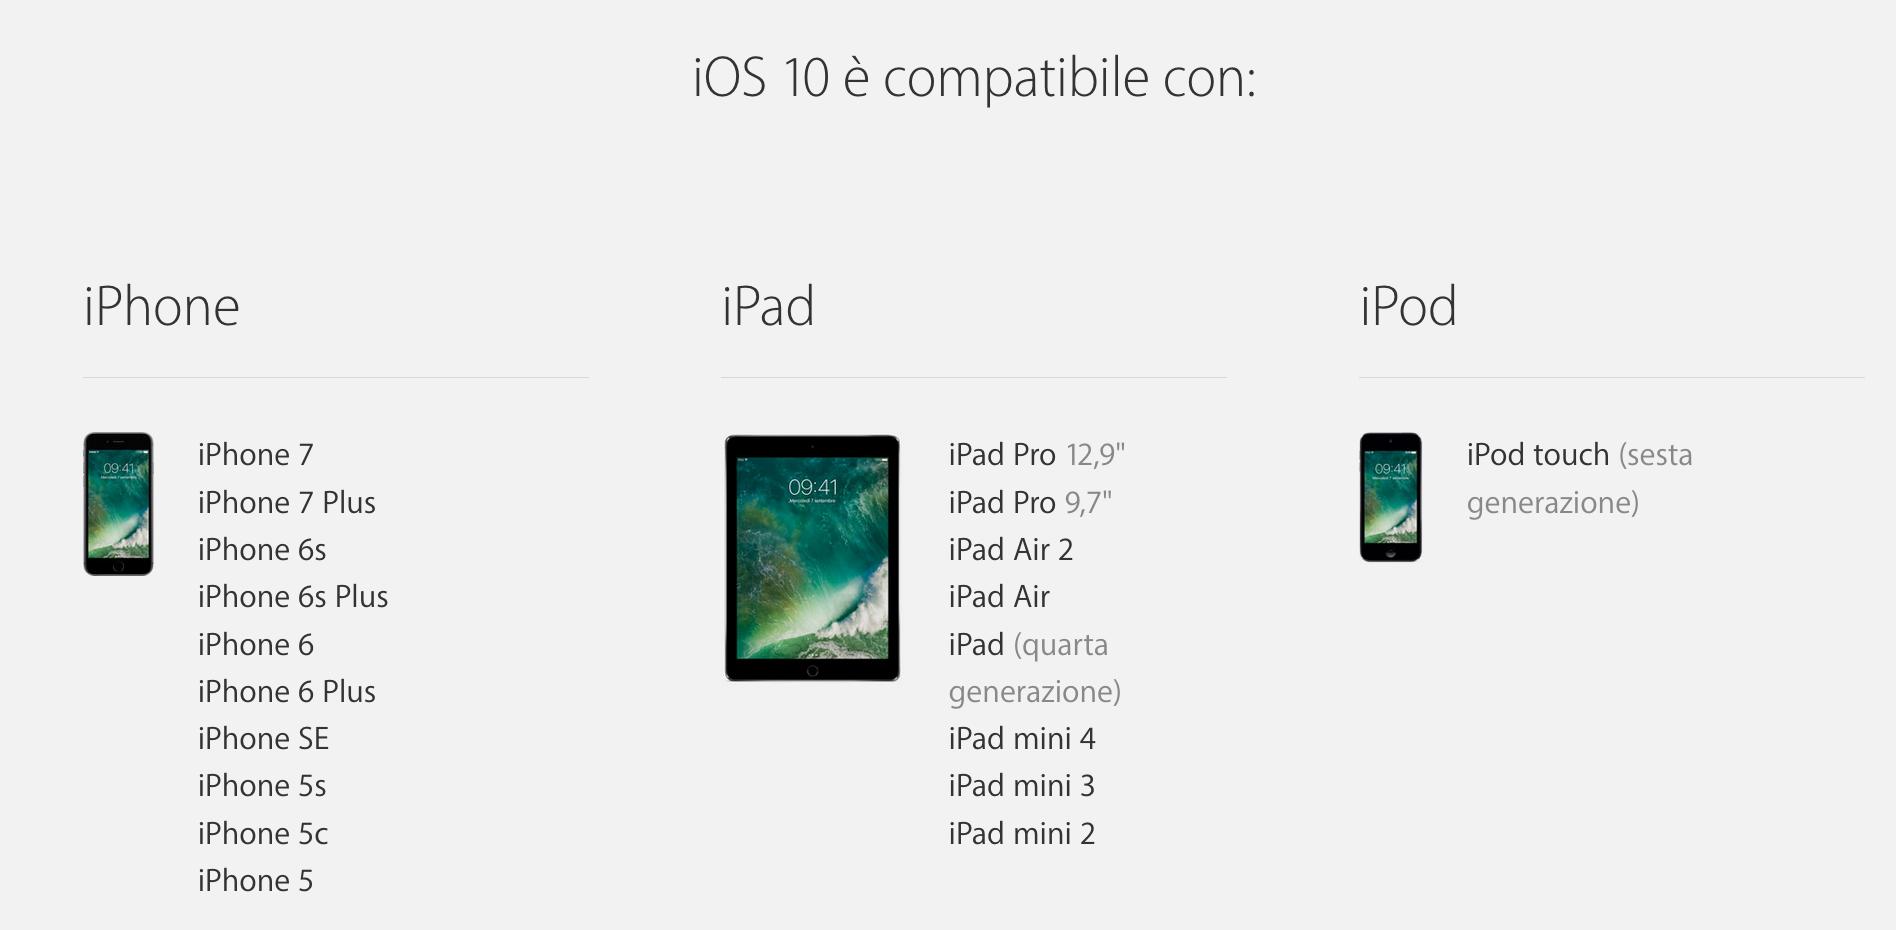 Compatibilità iOS 10